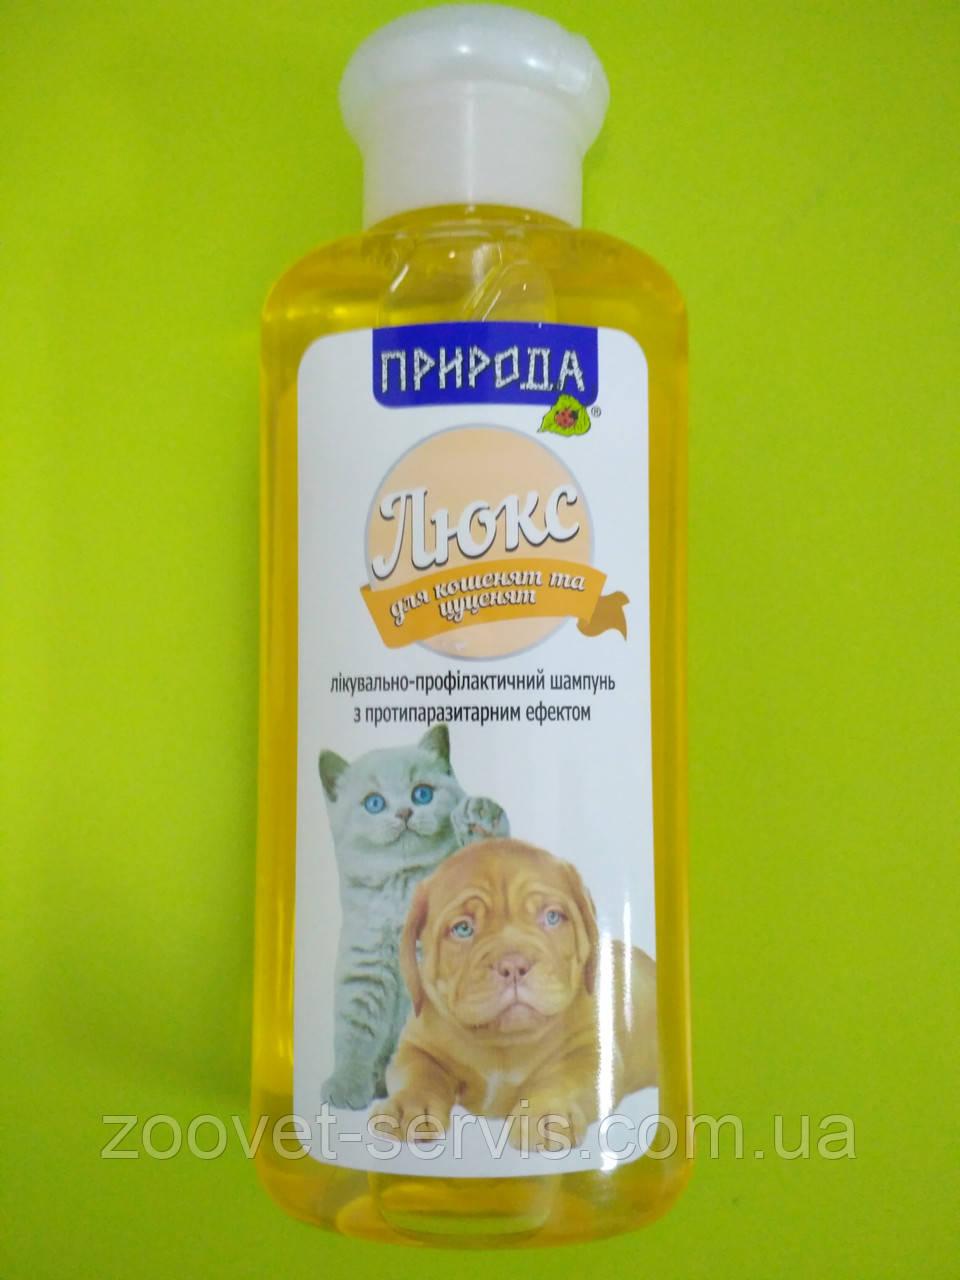 Шампунь Люкс лечебно-профилактический с противопаразитным эффектом для котят и щенков